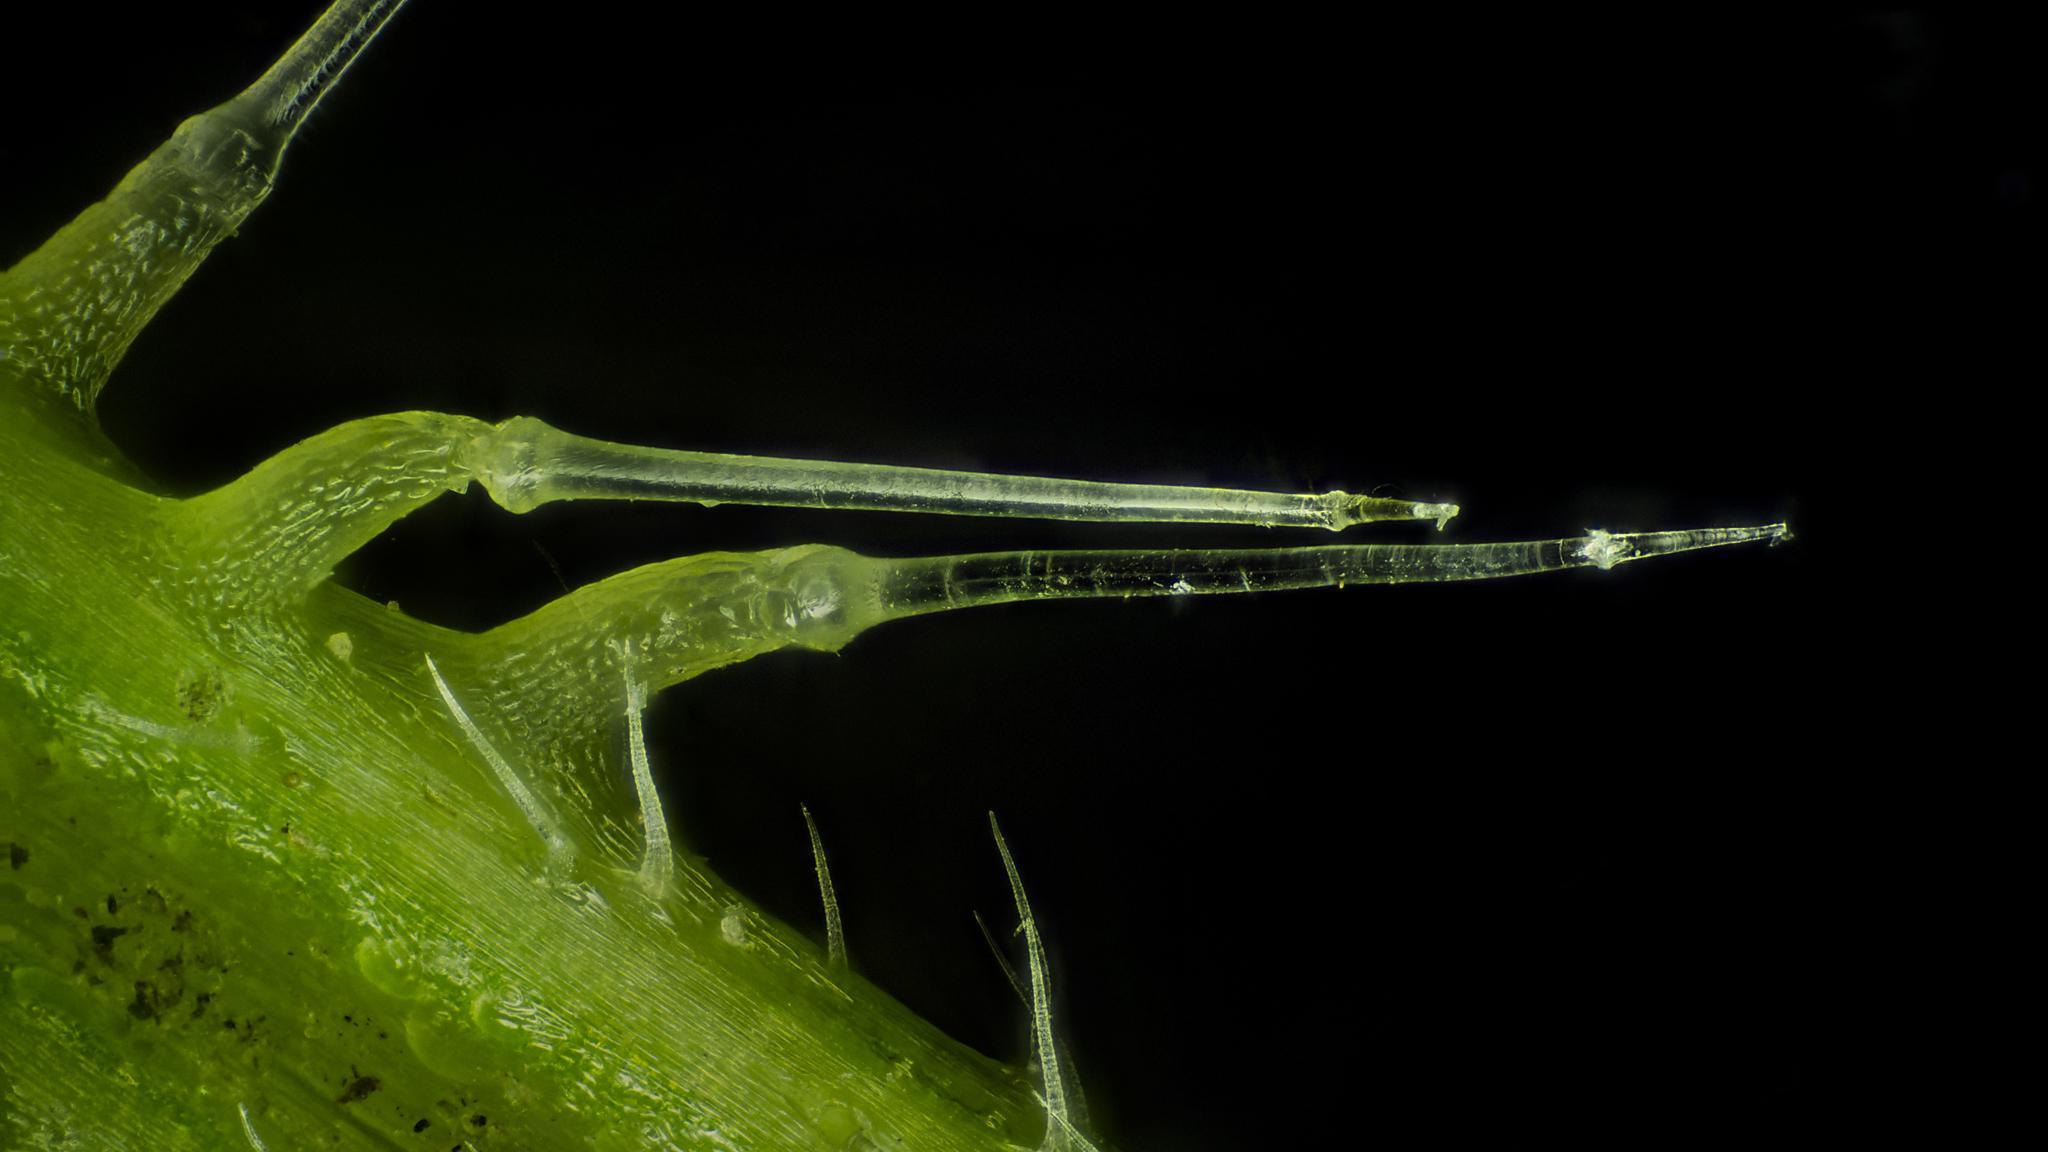 Ученые выяснили, в чем секрет прочности волосков крапивы и комариных хоботков